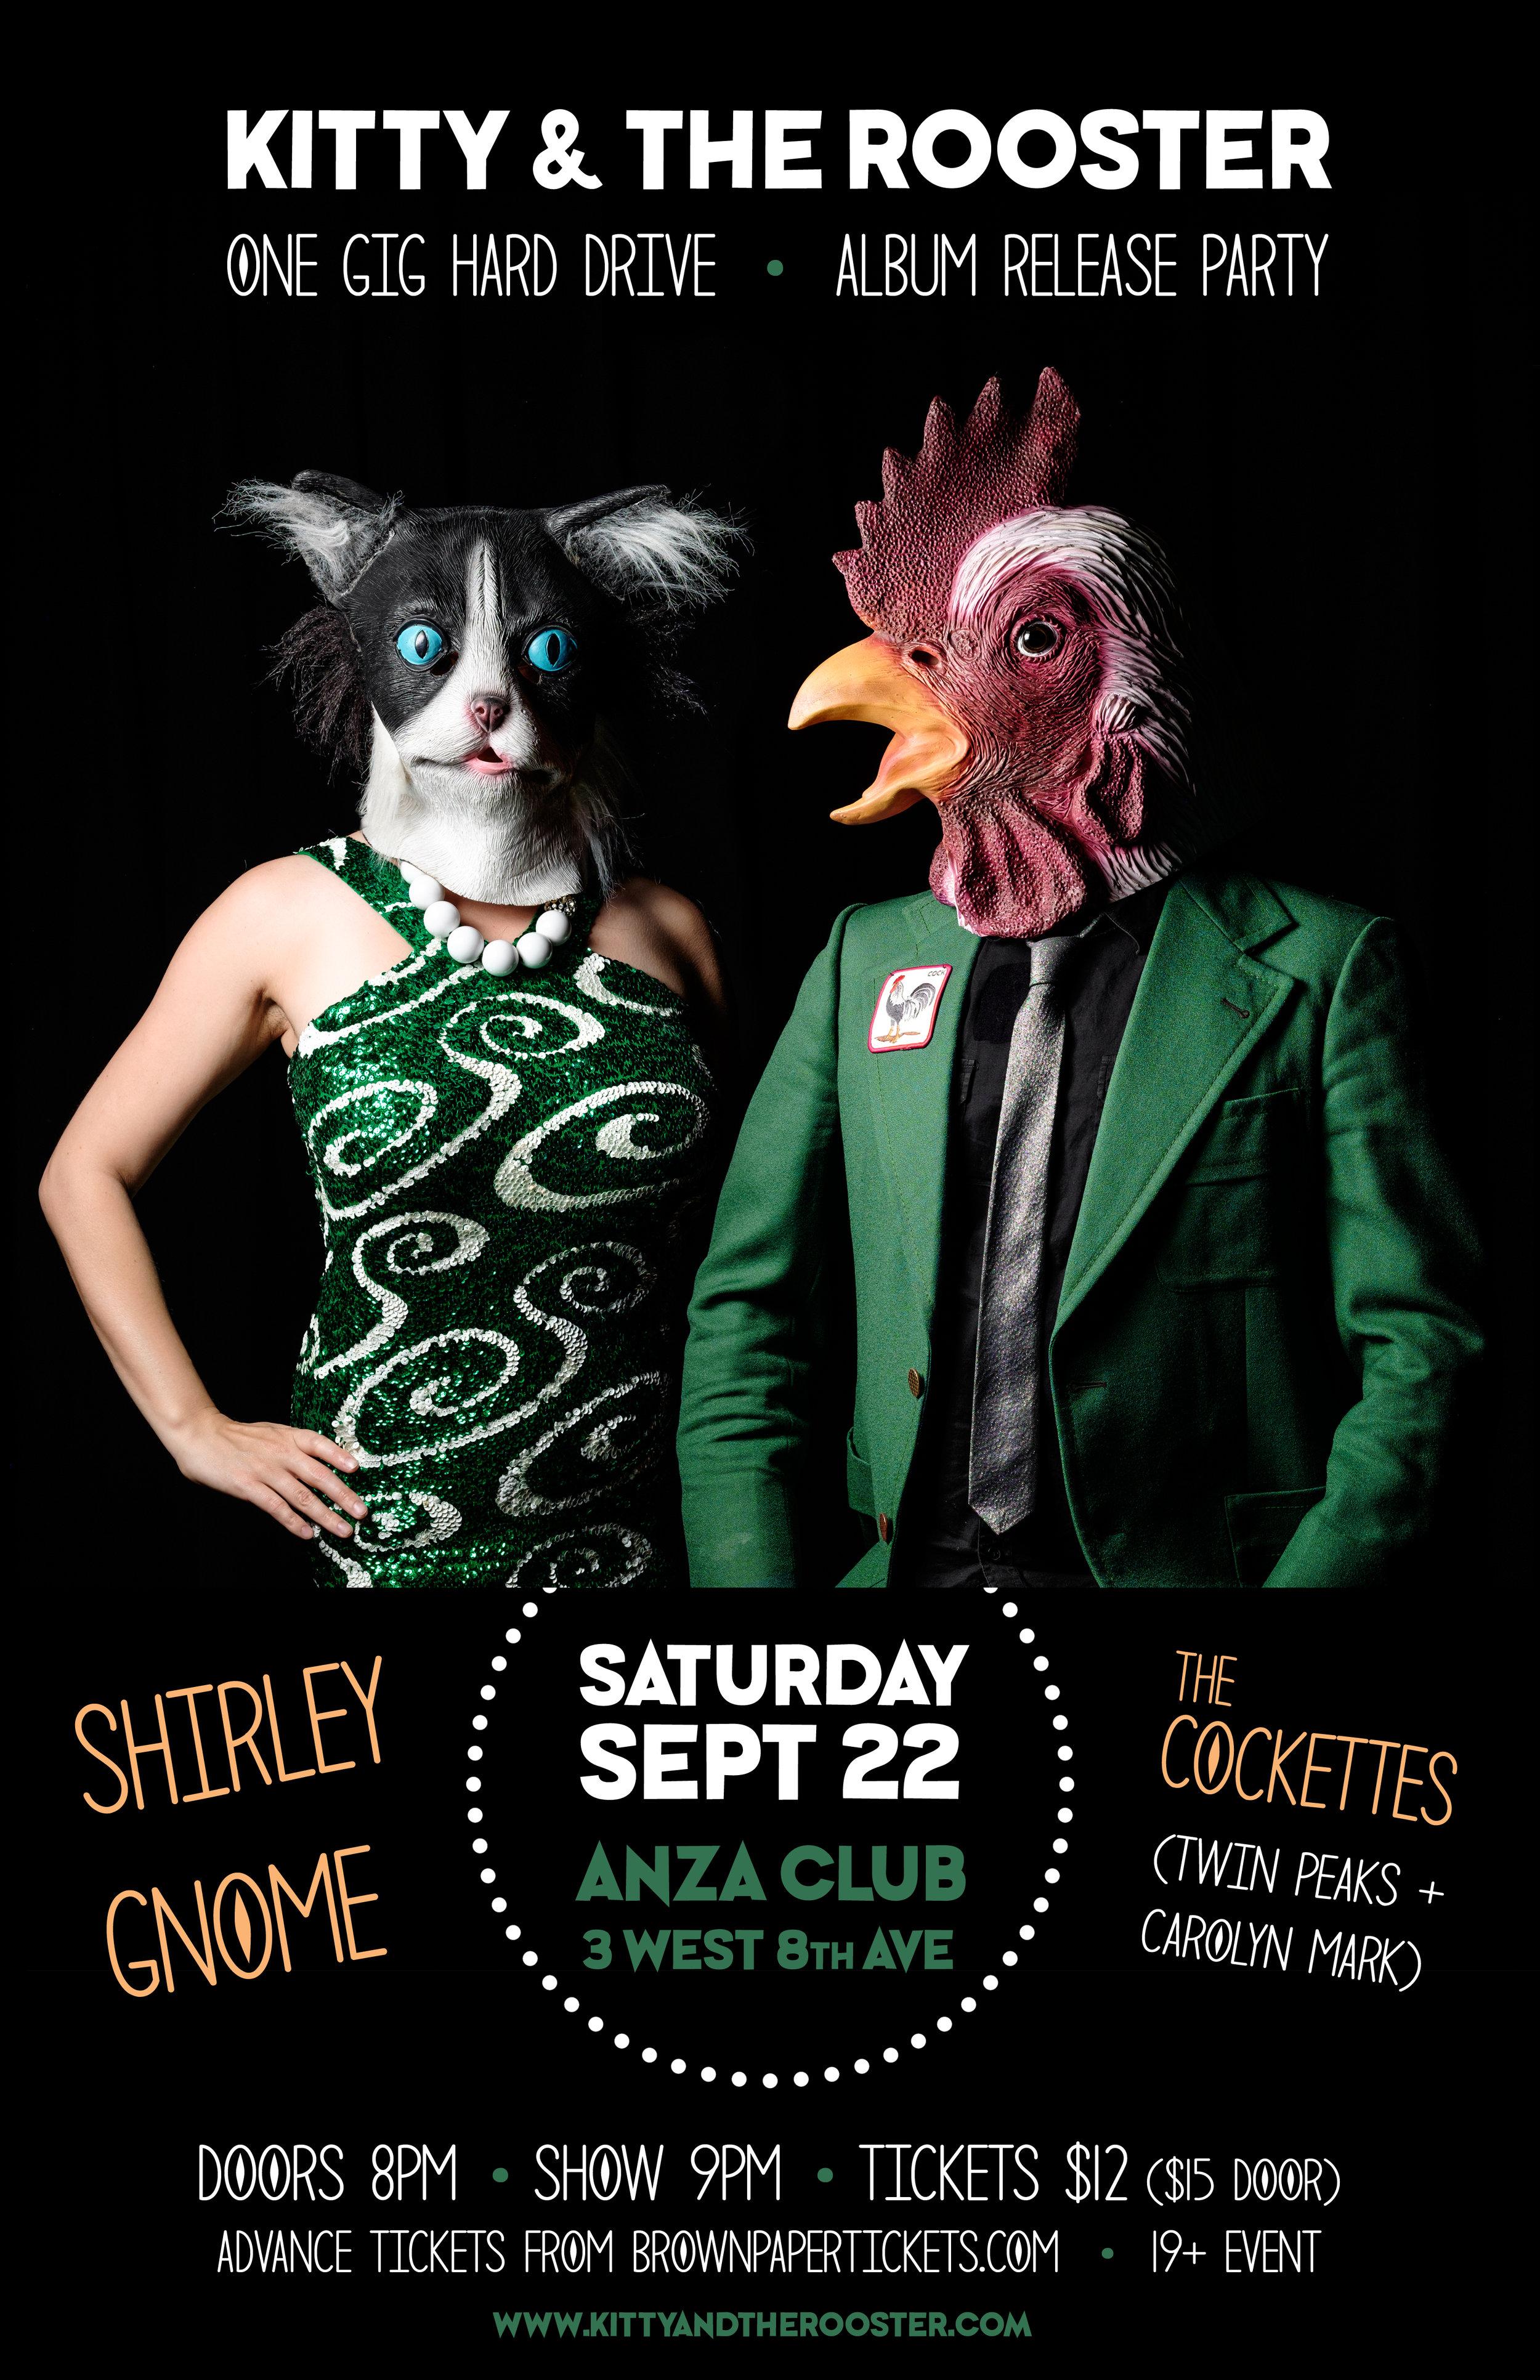 KittyRooster-AlbumRelease-Poster.jpg